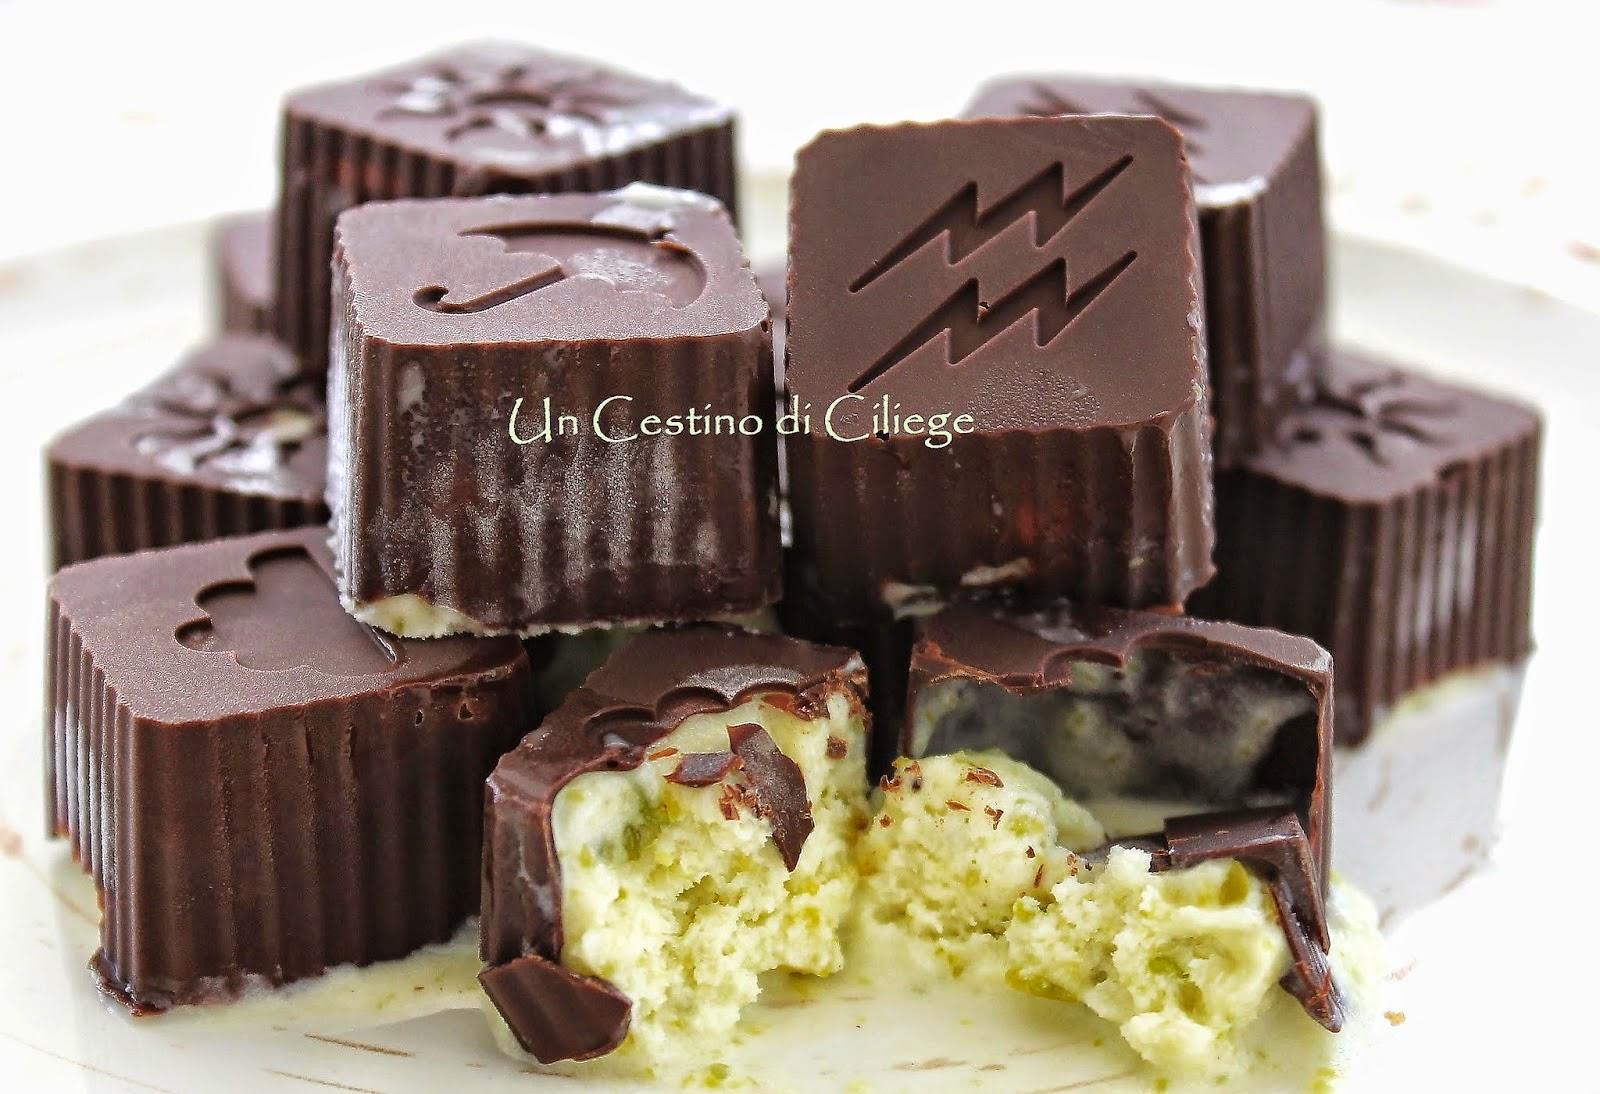 http://uncestinodiciliege.blogspot.it/2014/08/bon-bon-al-cioccolato-fondente-con.html